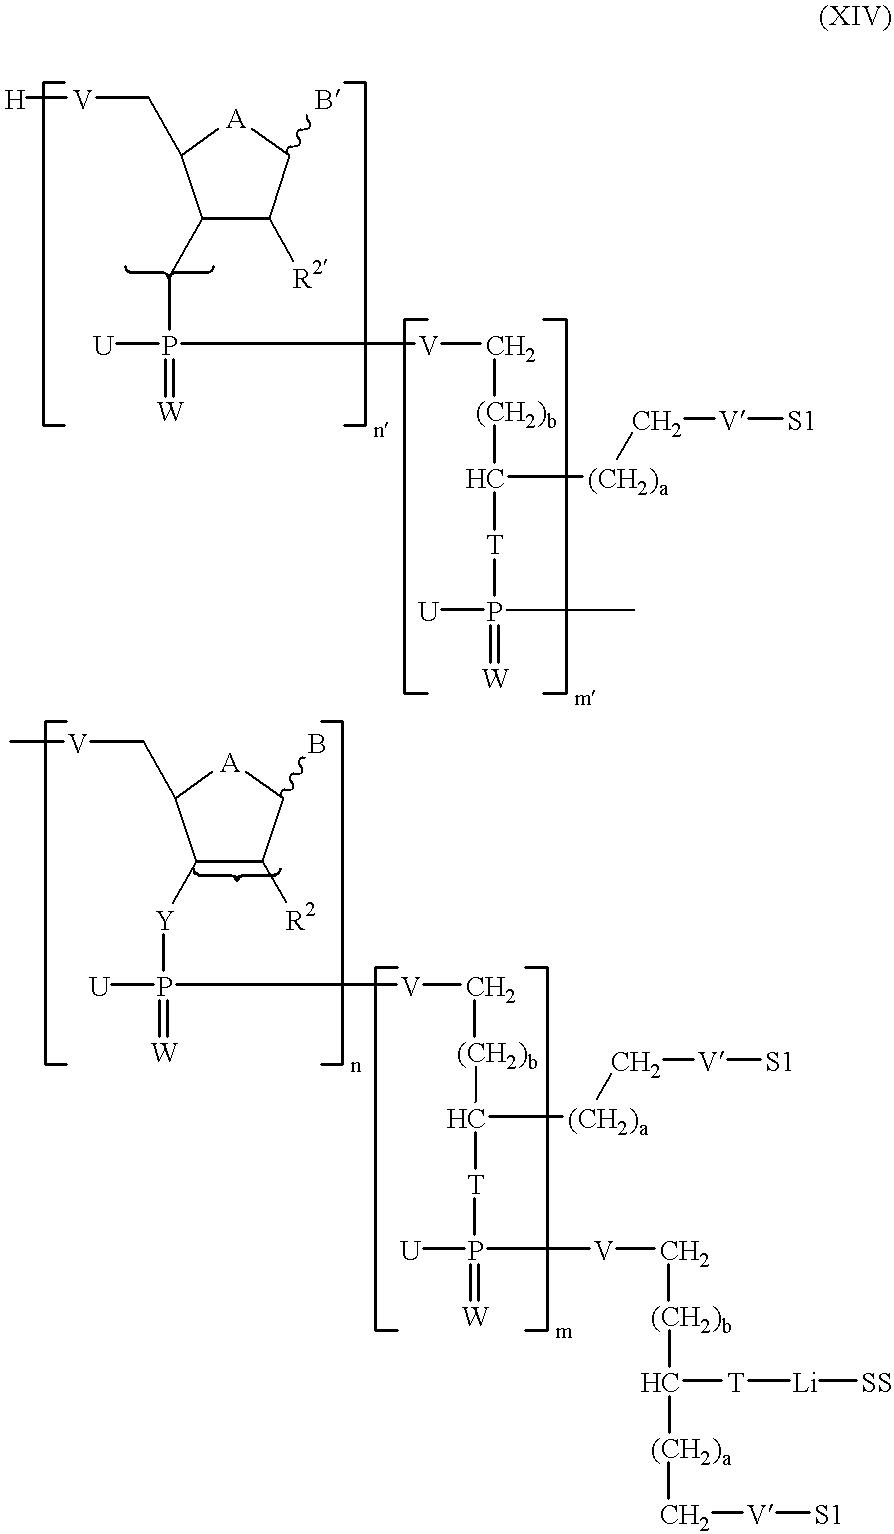 Figure US06326487-20011204-C00030